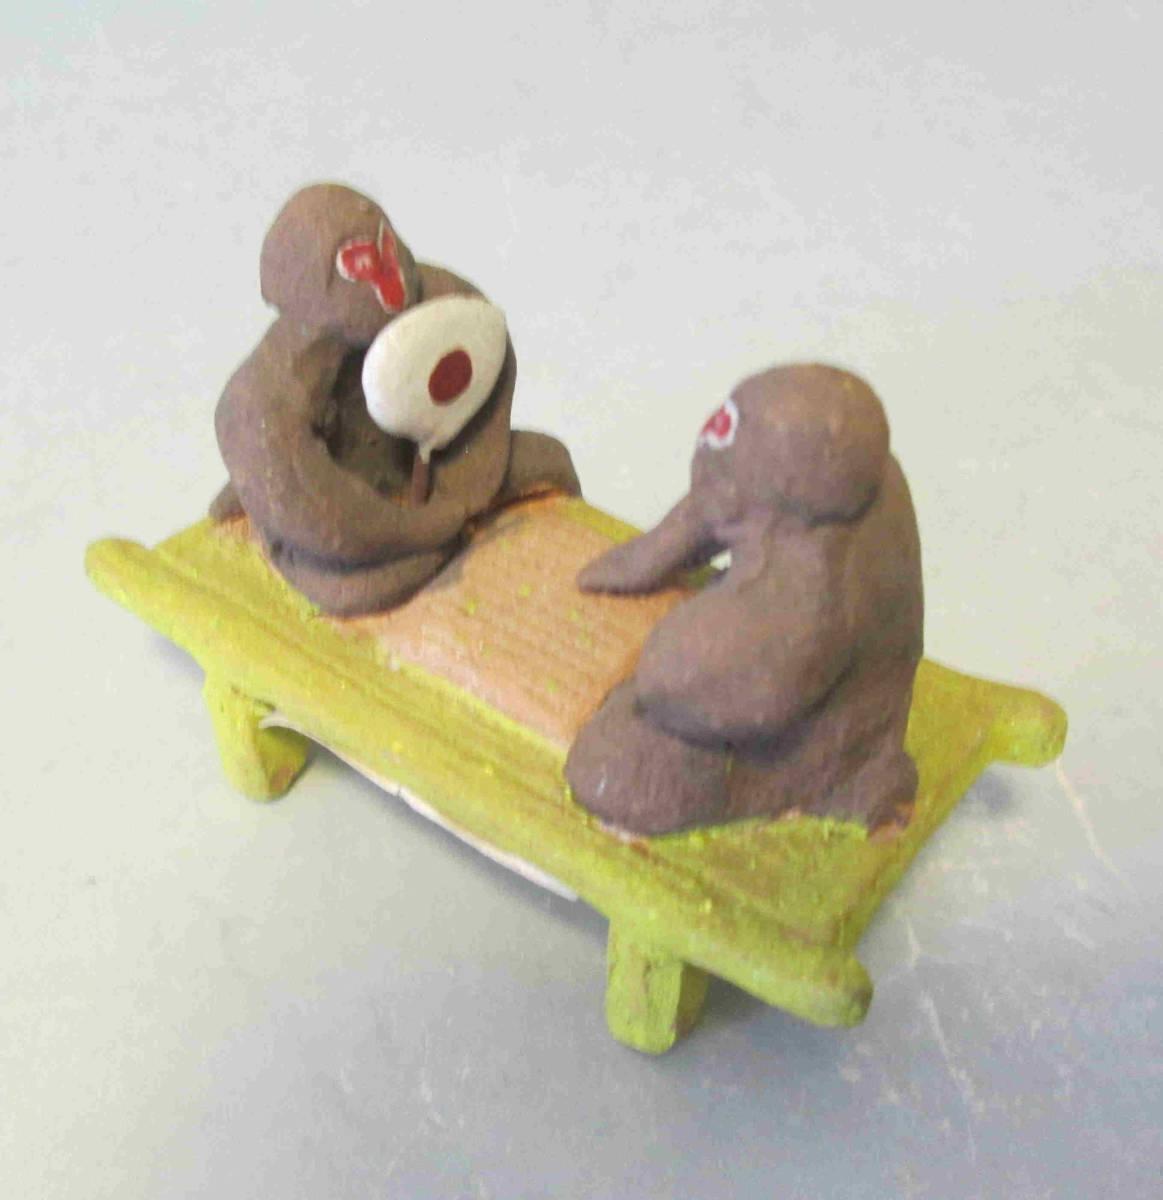 郷土玩具、土人形・・・堺の湊焼きの縁台将棋の猿_画像2